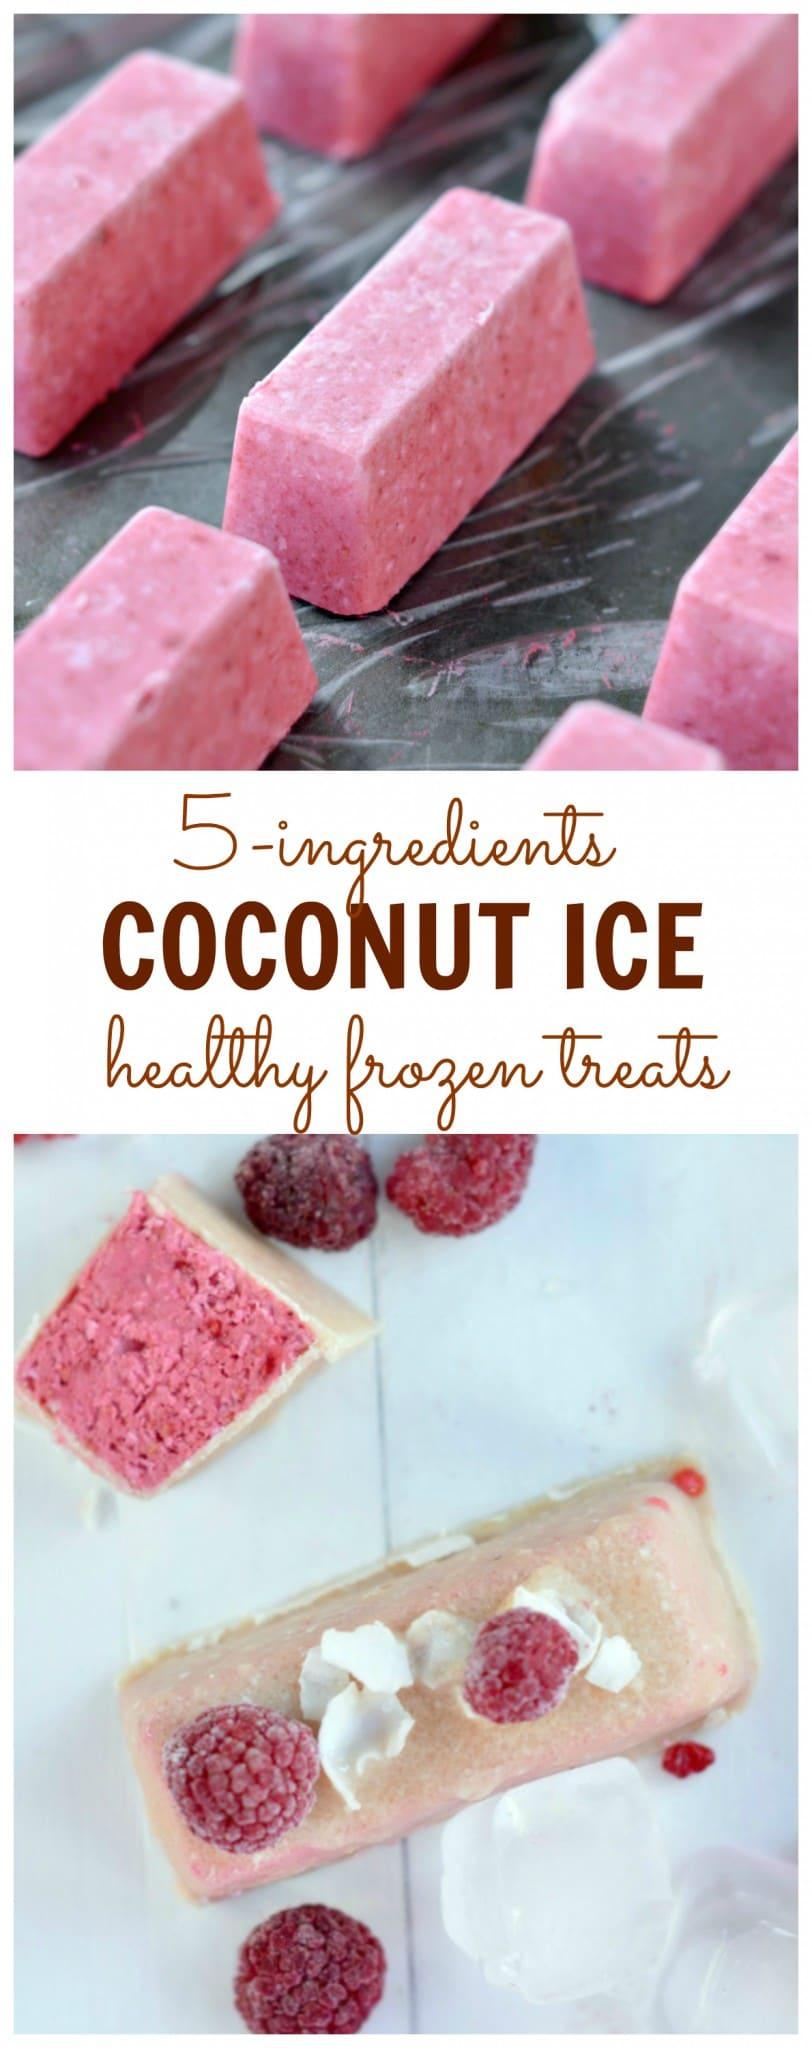 coconut ice frozen vegan treat